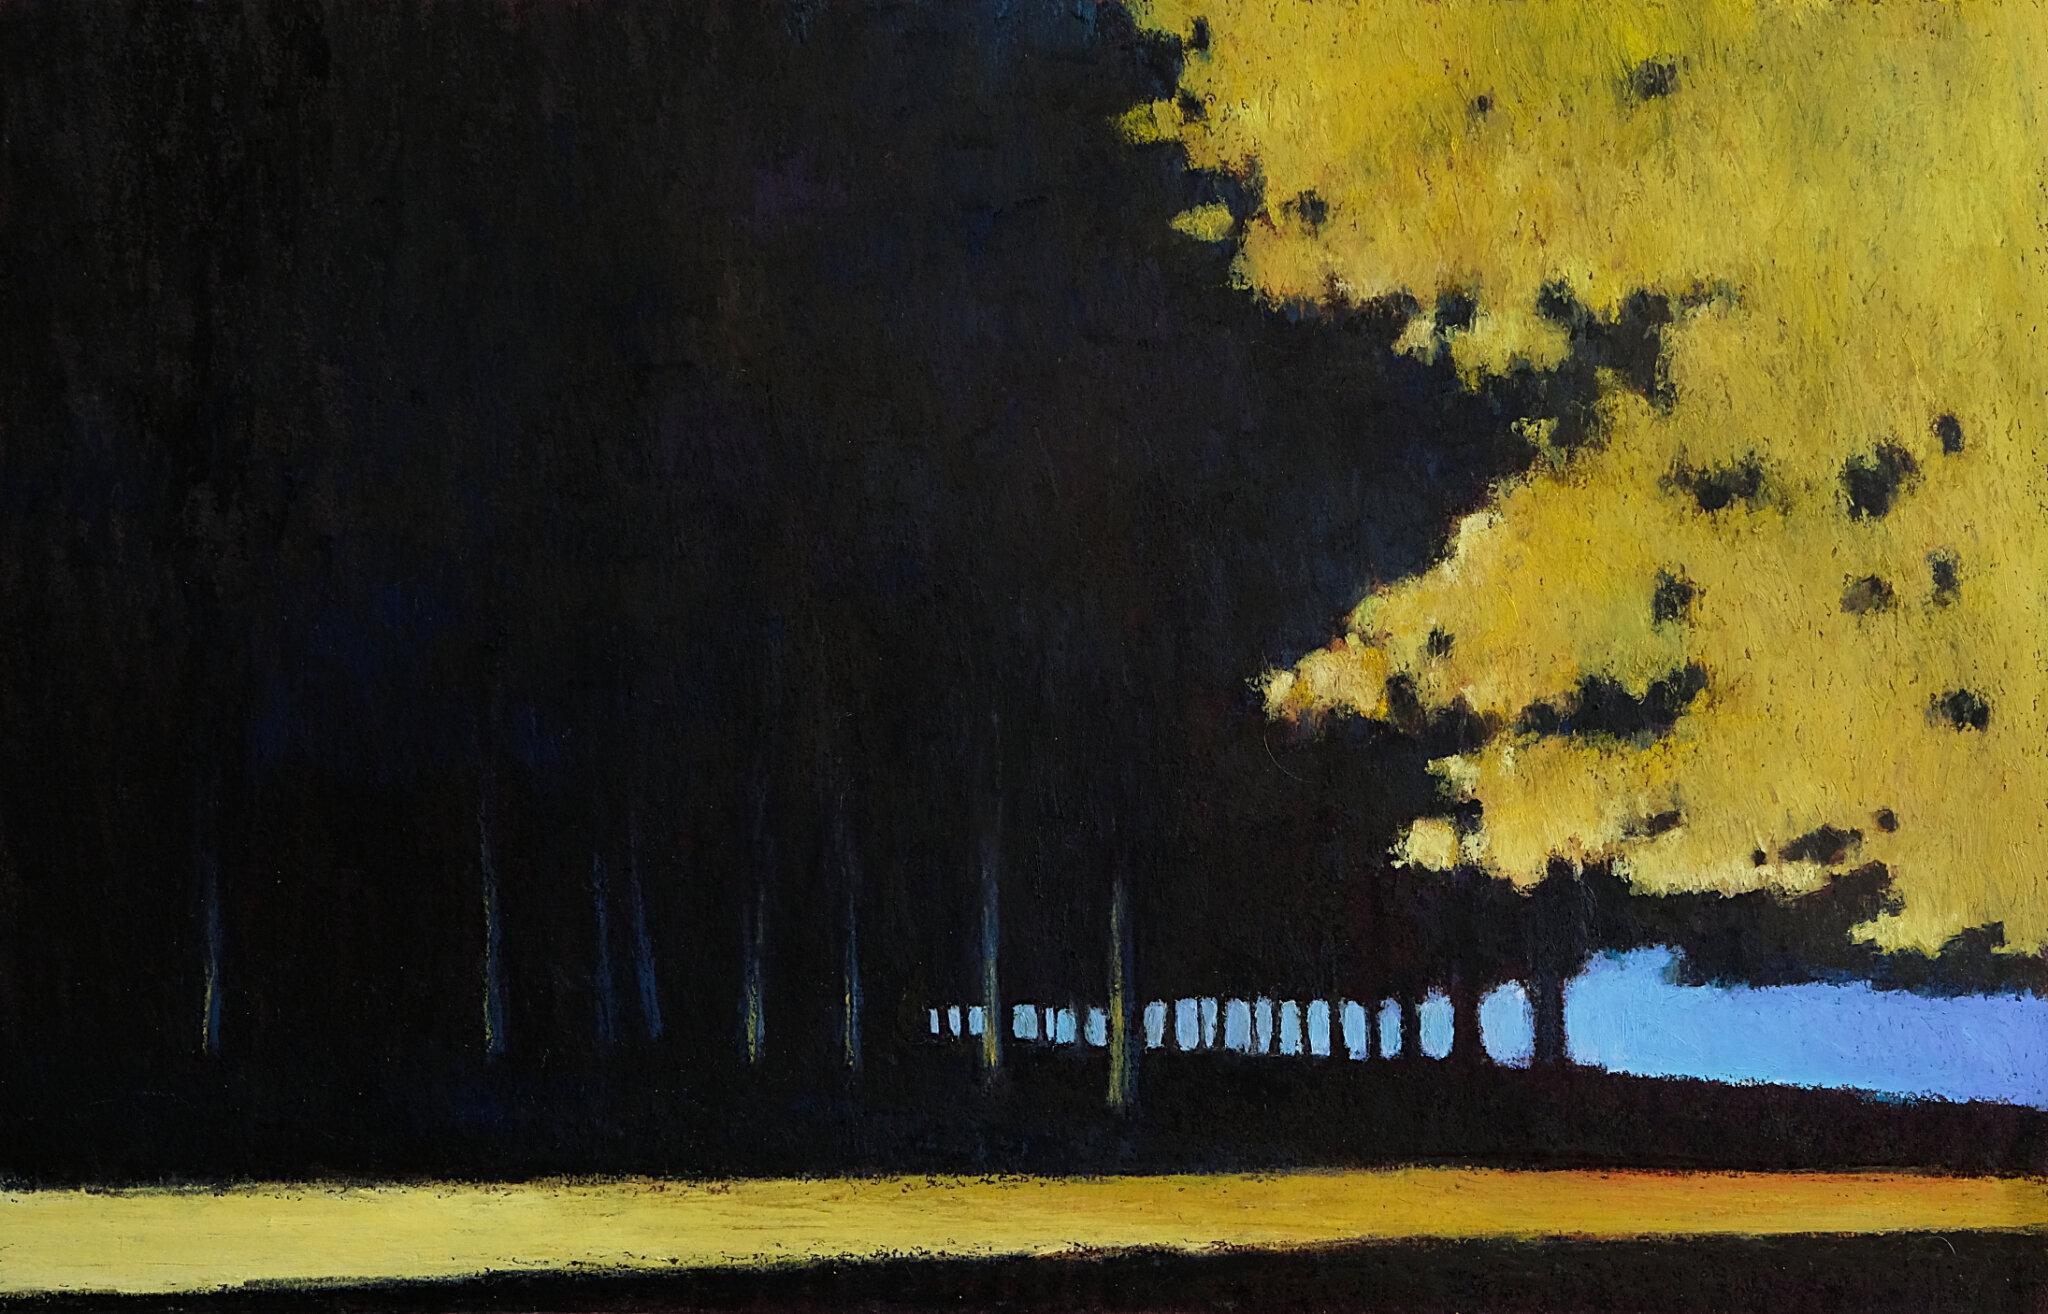 Dans la lumière des phares, mars 2018, pastel à l'huile, 48 x 32 cm